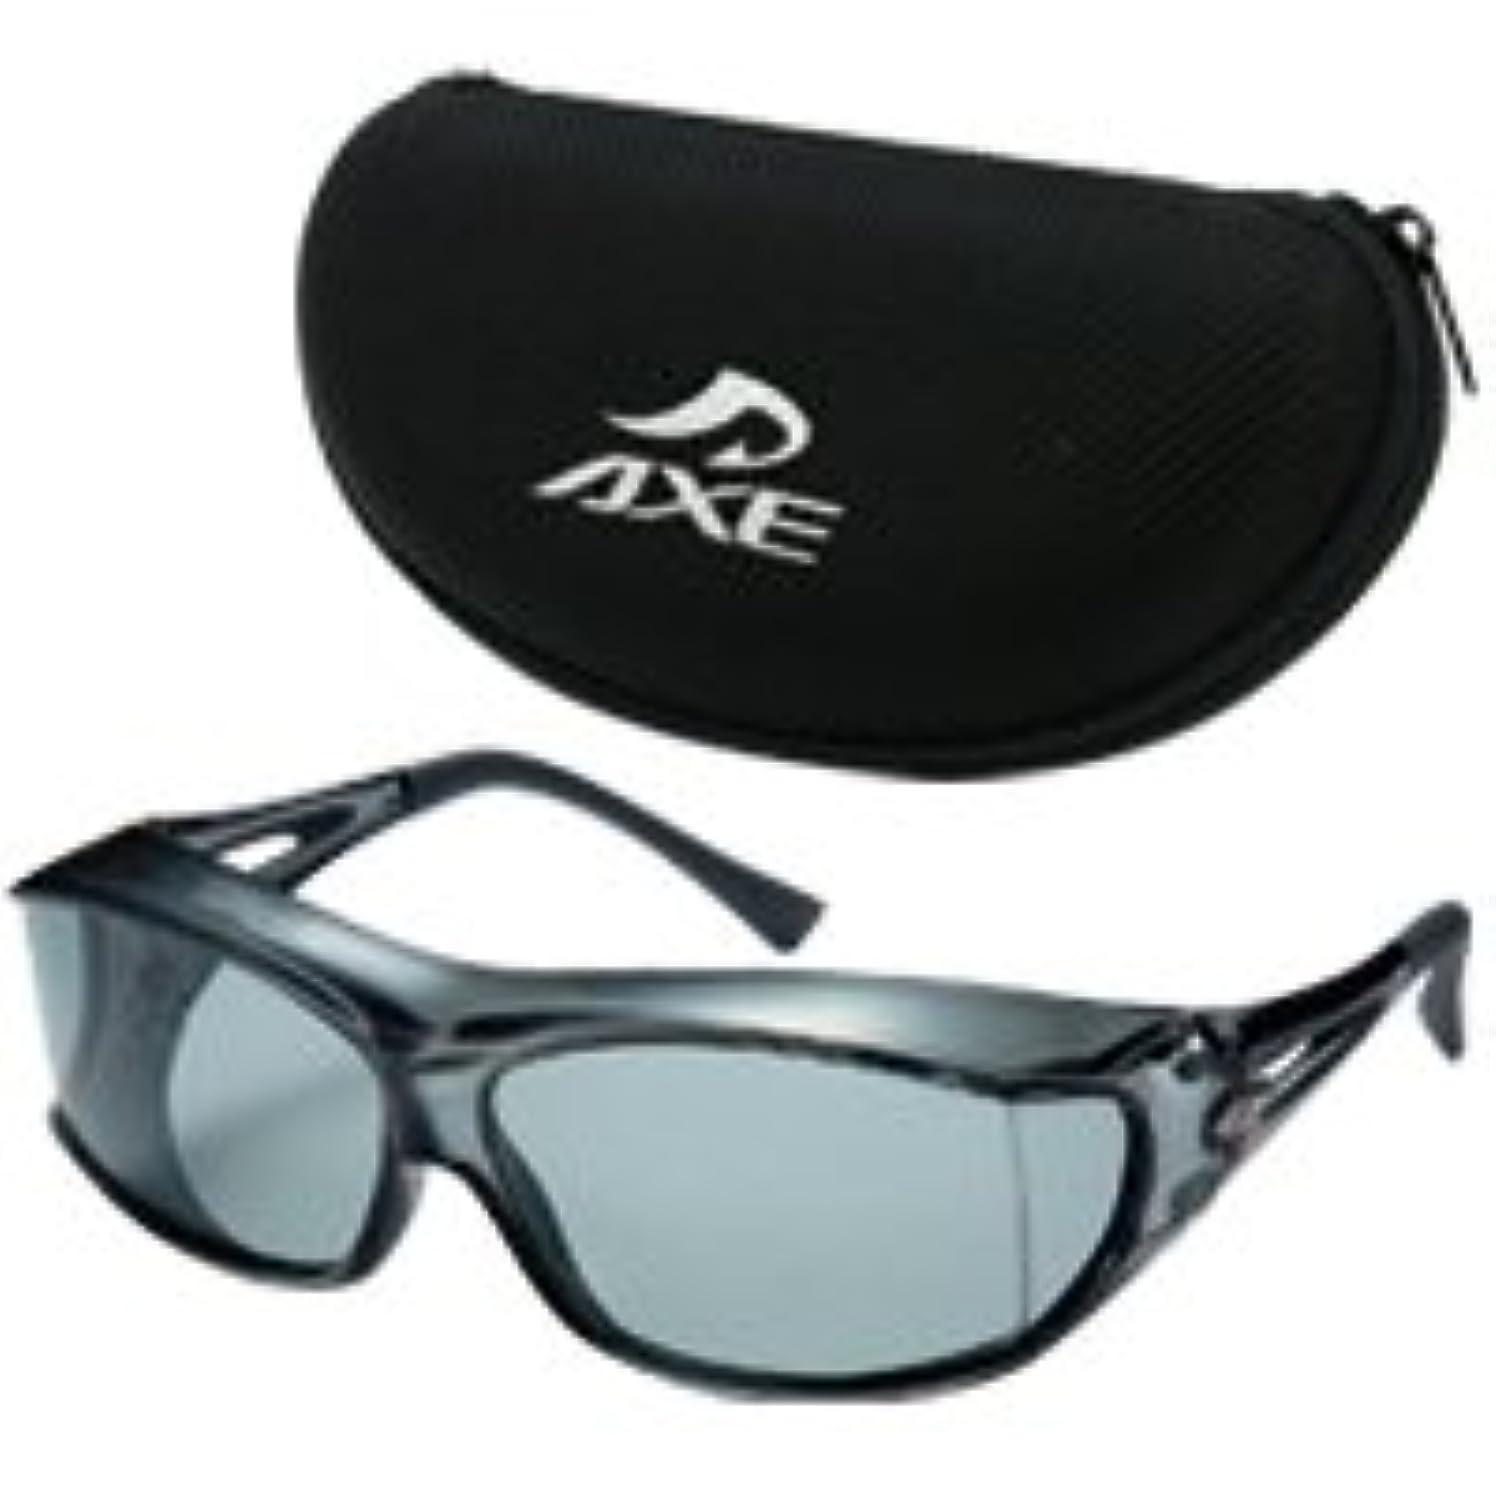 不毛のわがまま光景AXE アックス 偏光 オーバーグラス オーバーサングラス 眼鏡の上から SG-605P/SM(AX-26)ケースセット